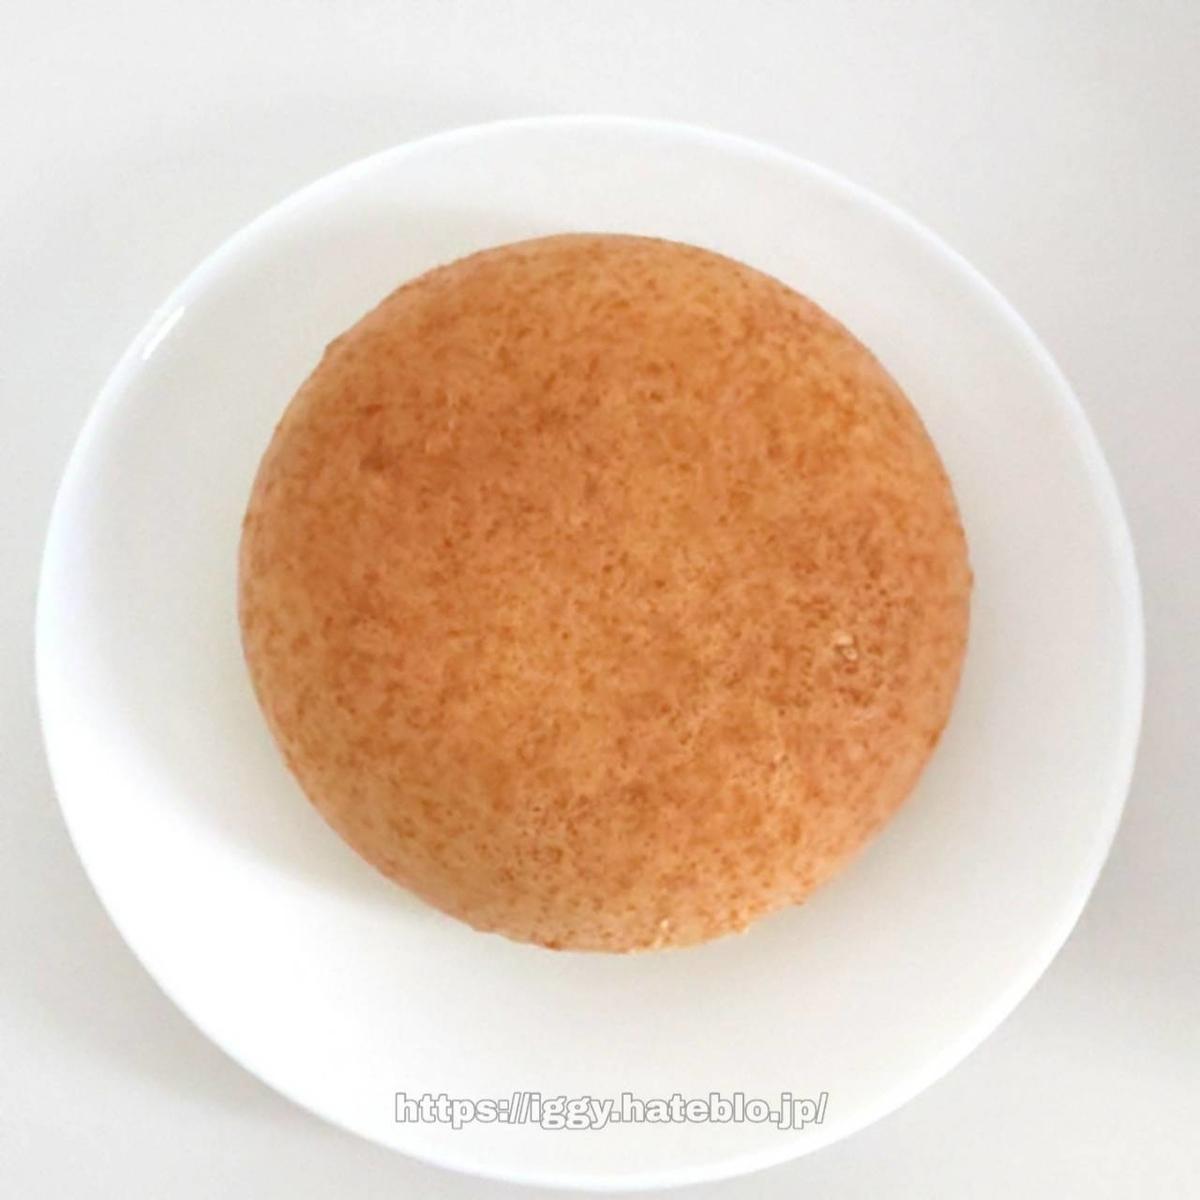 炊飯器 ホットケーキミックス おやつ④ iggy2019